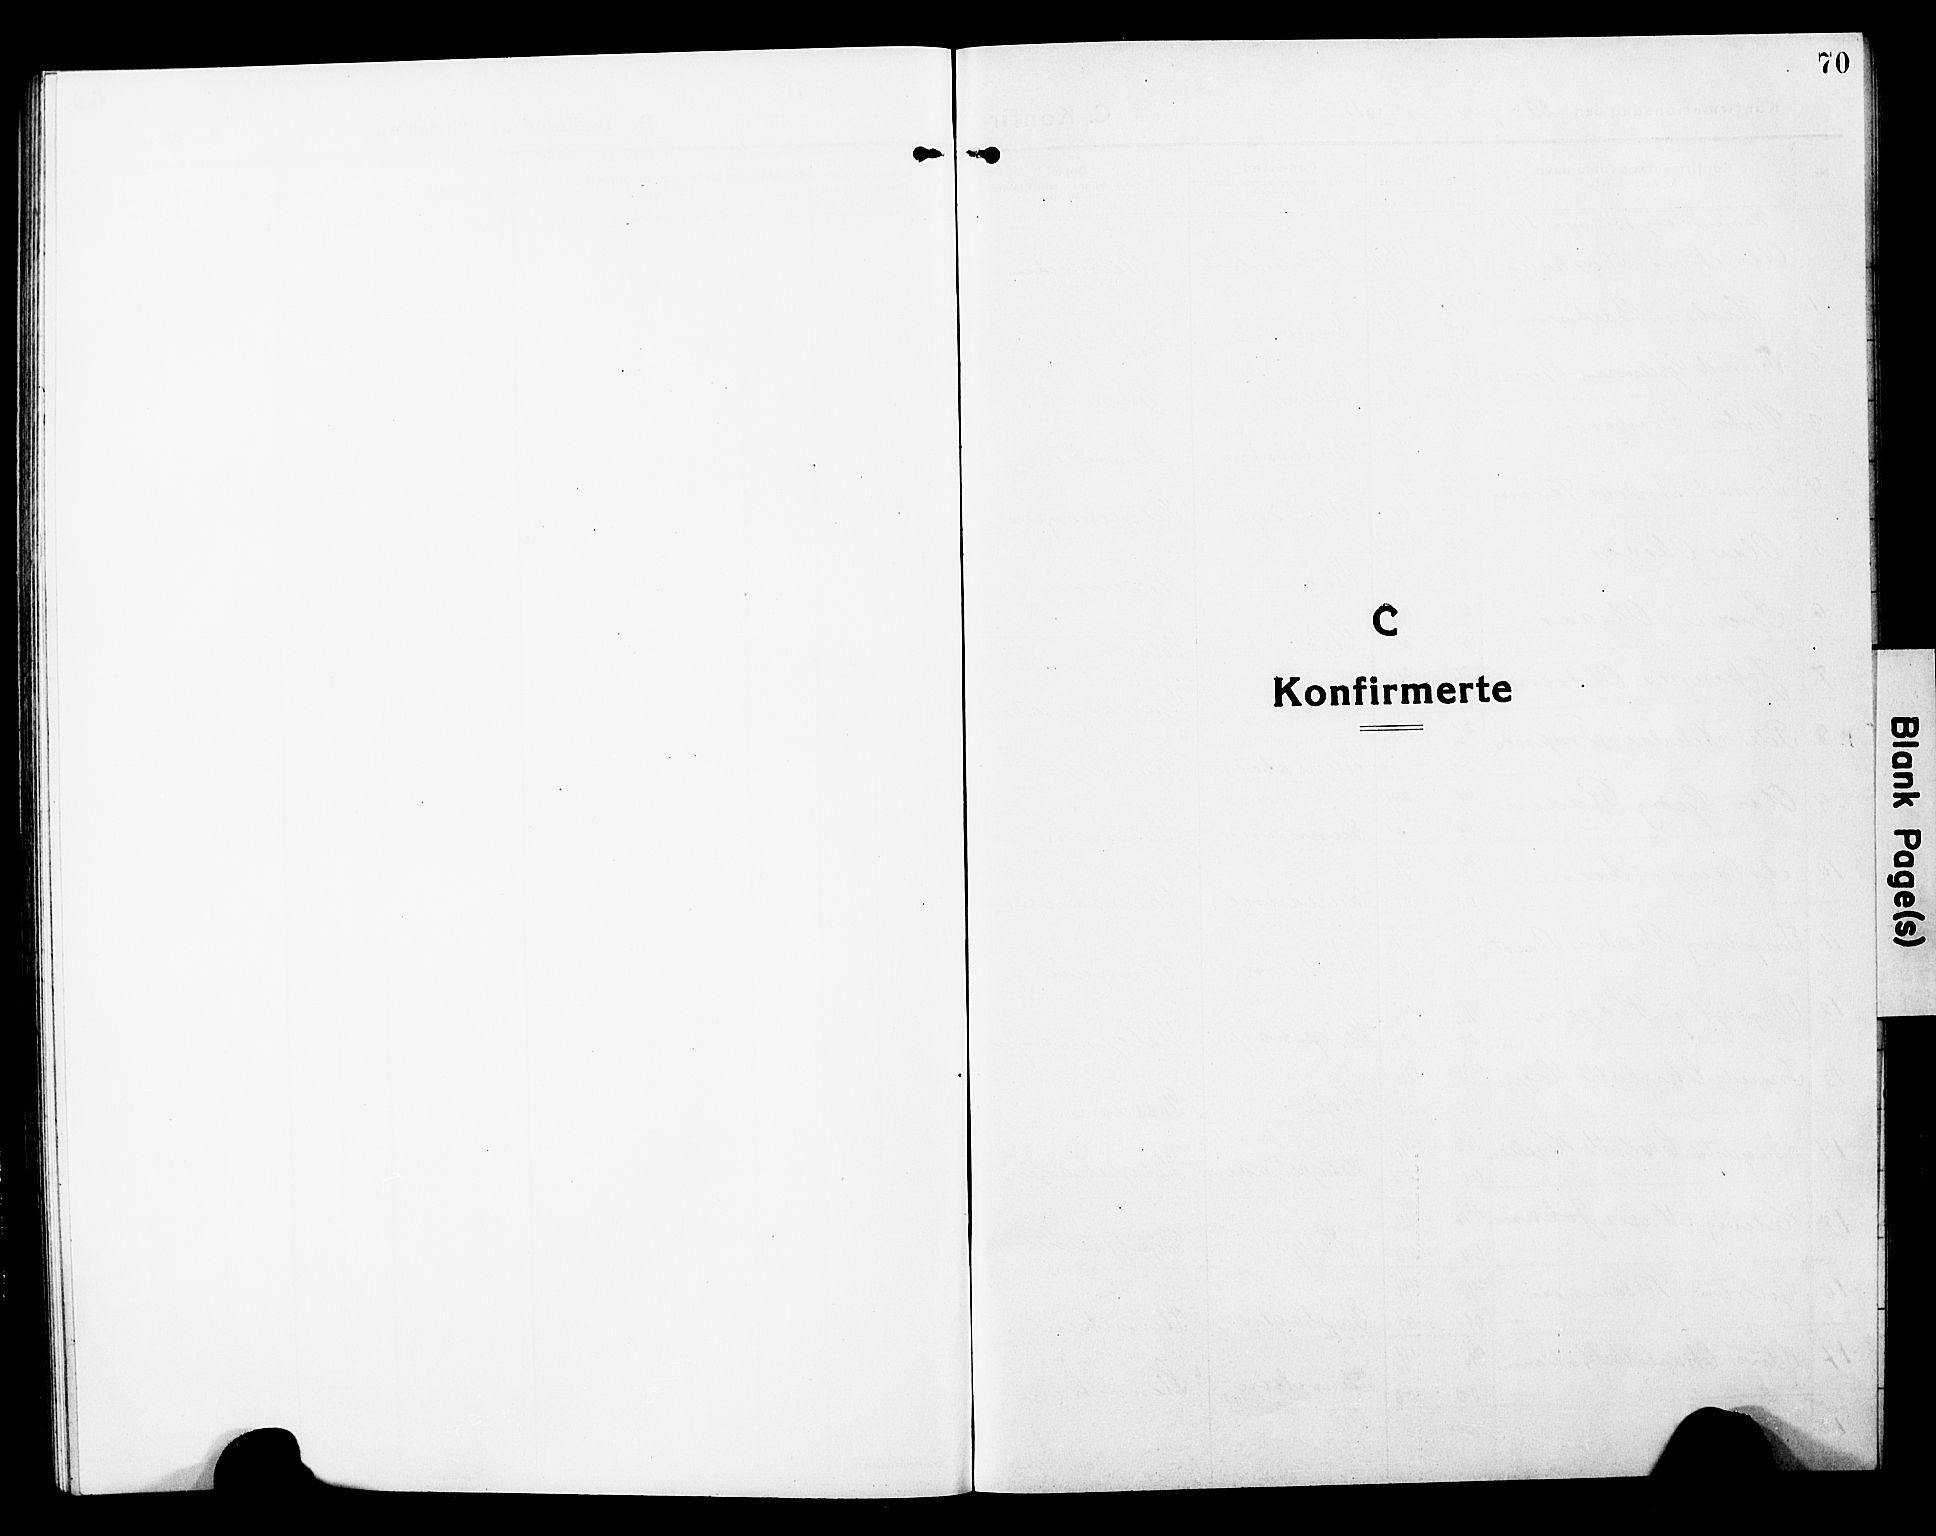 SAT, Ministerialprotokoller, klokkerbøker og fødselsregistre - Nord-Trøndelag, 740/L0382: Klokkerbok nr. 740C03, 1915-1927, s. 70